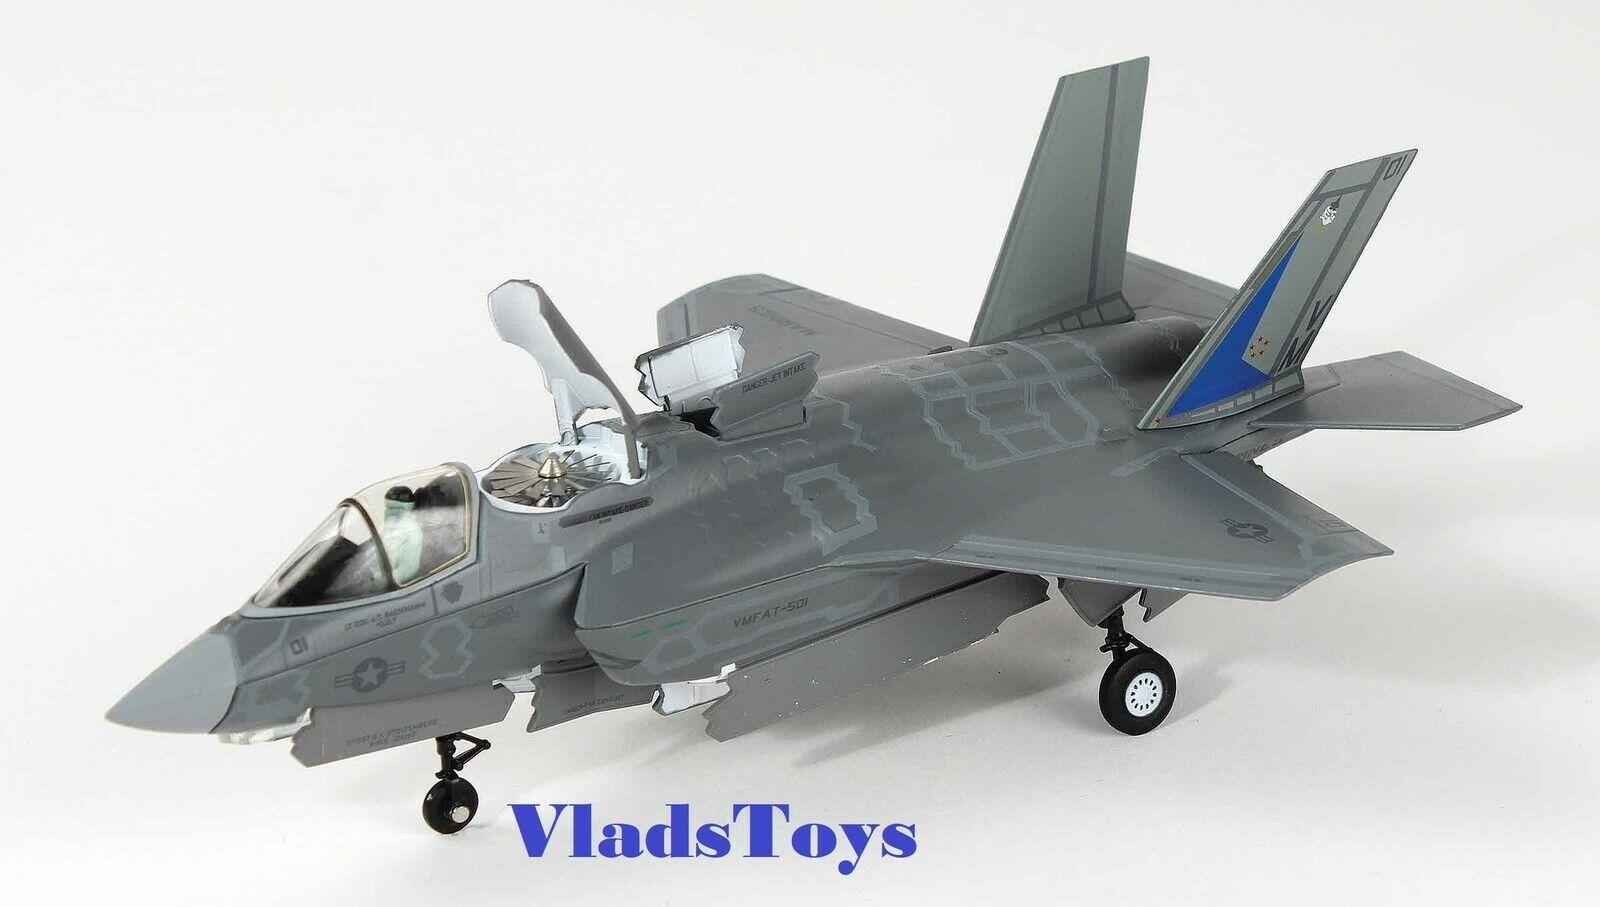 Air Force 1 1 72 F-35B Lightning Ii Bastidor troncal de conmutación United States Marine Corps VMFAT - 501 caudillos AF1-0009A